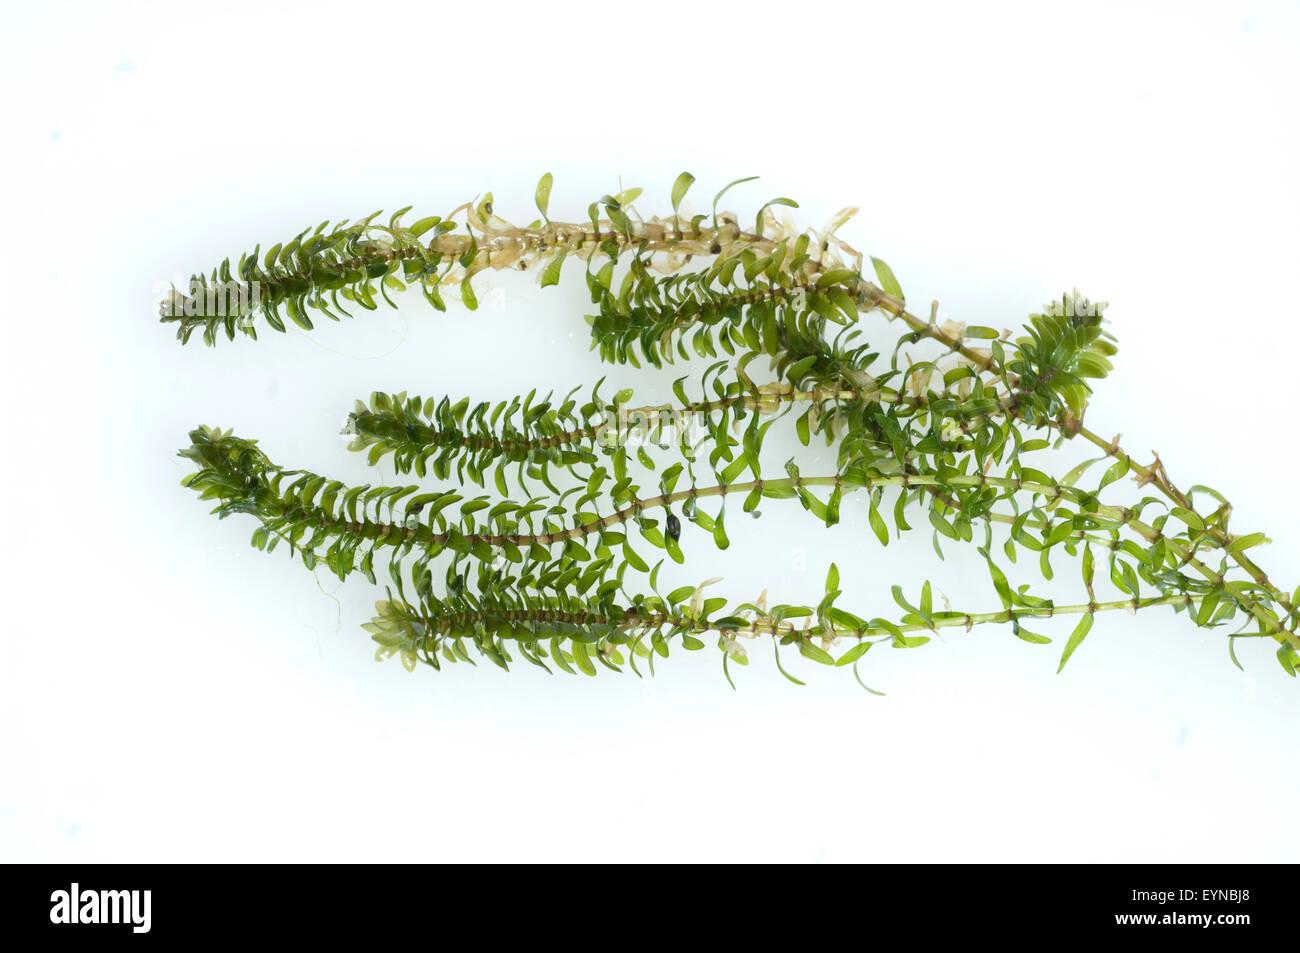 Kanadische Wasserpest, Elodea canadensis, Wasserpflanzen Stock Photo